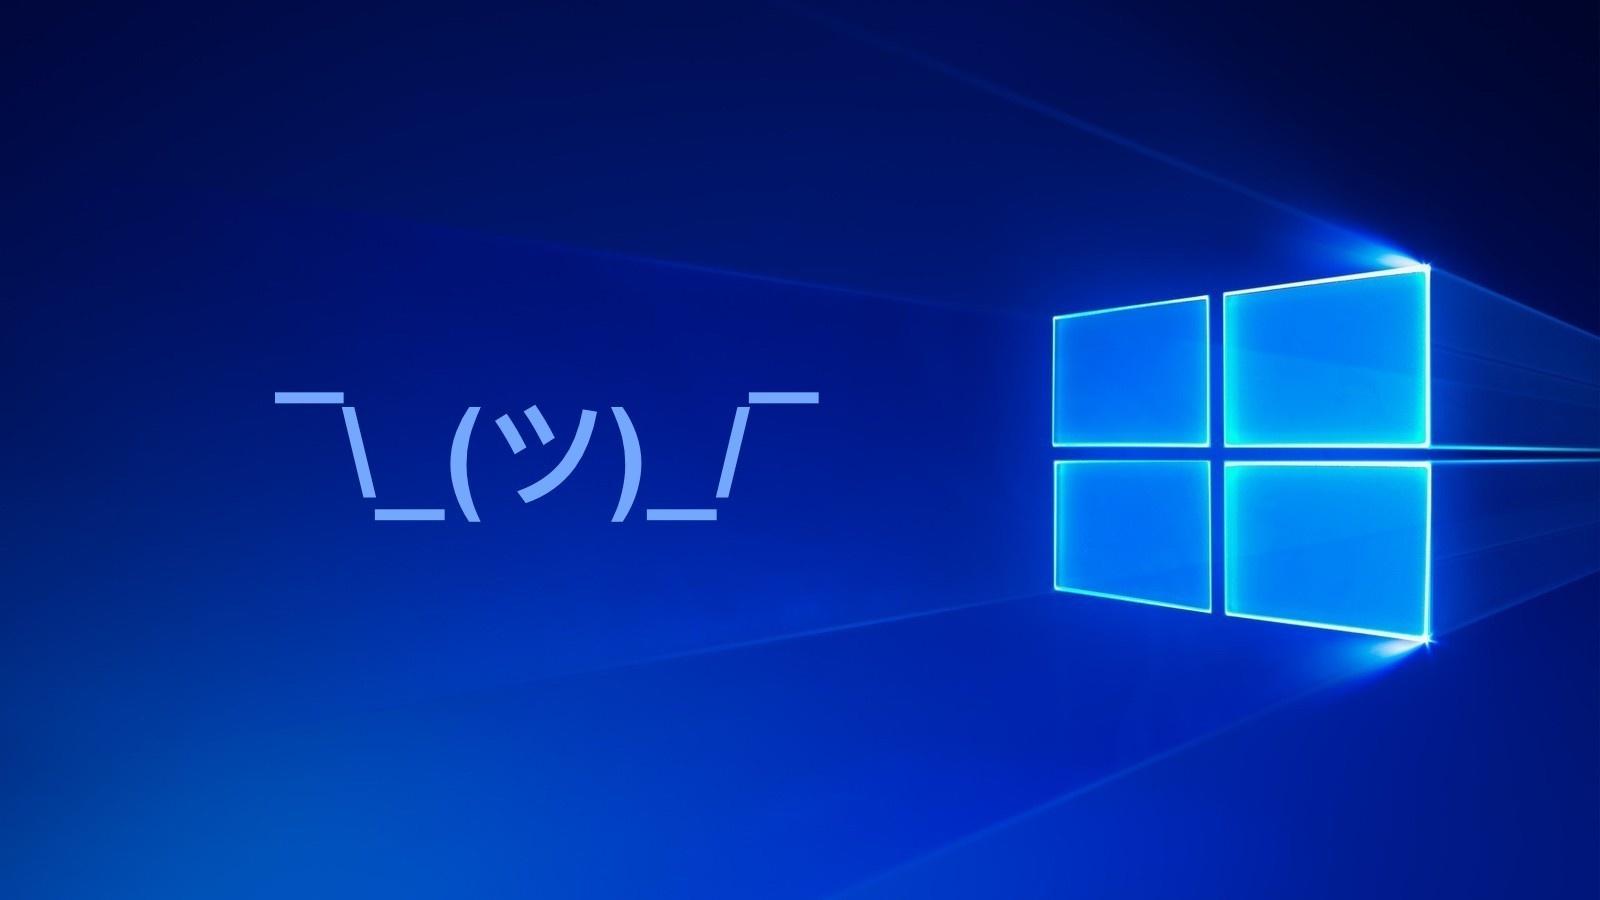 Обновление Windows 10 снова принесло проблемы: BSoD, сбои Bluetooth и Wi-Fi